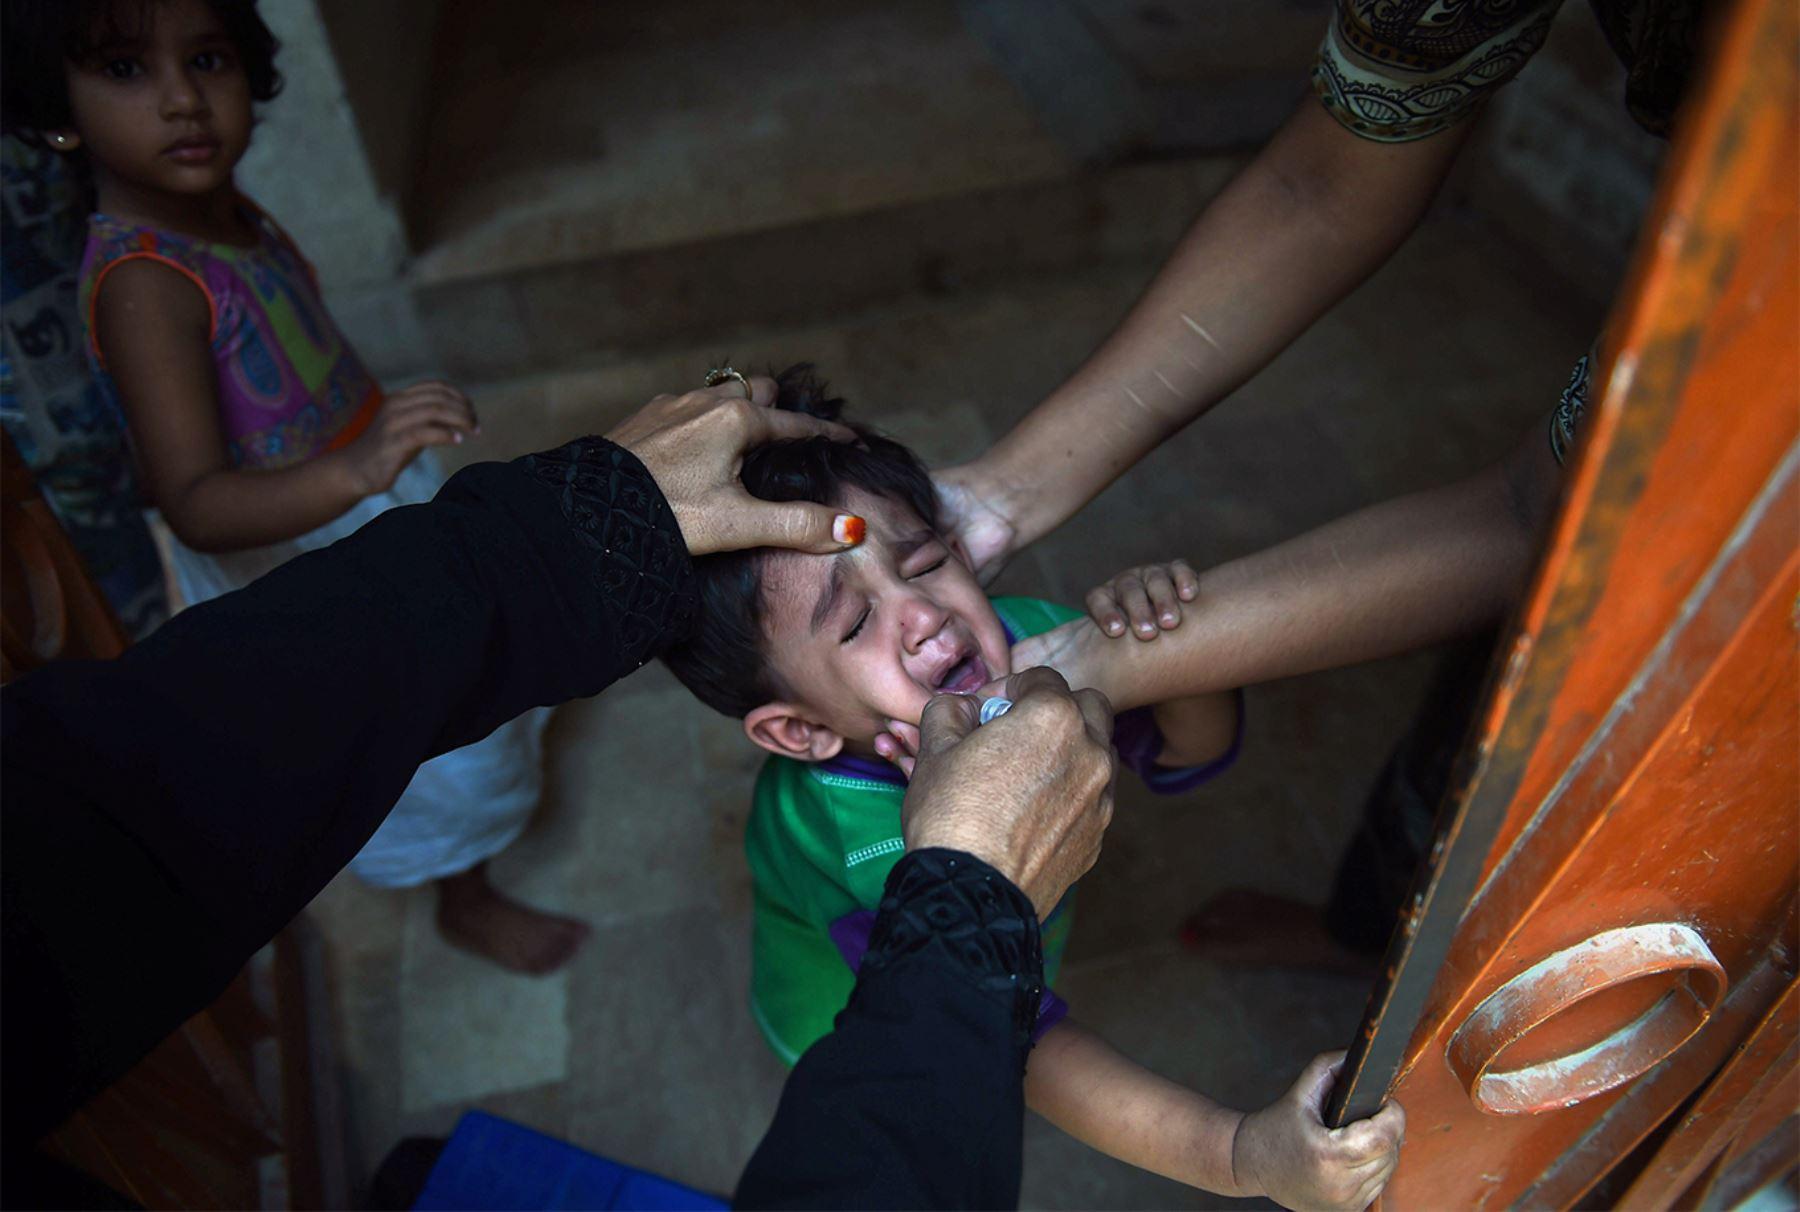 Un trabajador de la salud de Pakistán administra la vacuna contra la poliomielitis a un niño durante una campaña de vacunación puerta a puerta en Karachi el 24 de mayo de 2016.  FOTO AFP / ASIF HASSAN